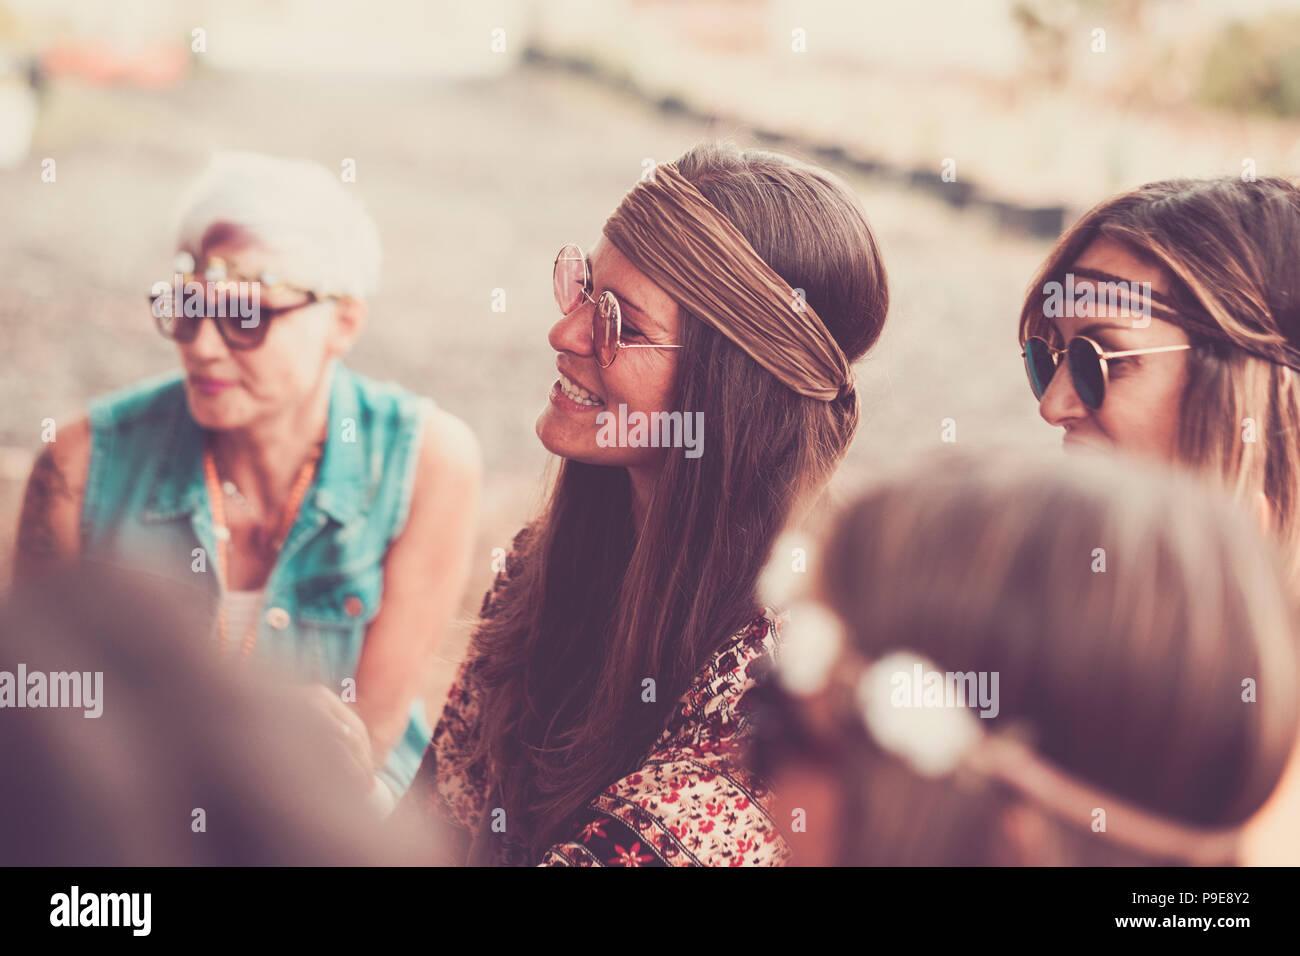 Gruppe der weiblichen girs gemischten Alters in der Feier hippy Party. Lächeln und Glück in Freundschaft für Frauen. Vintage Style und Retro Look. '70s Style für Stockbild